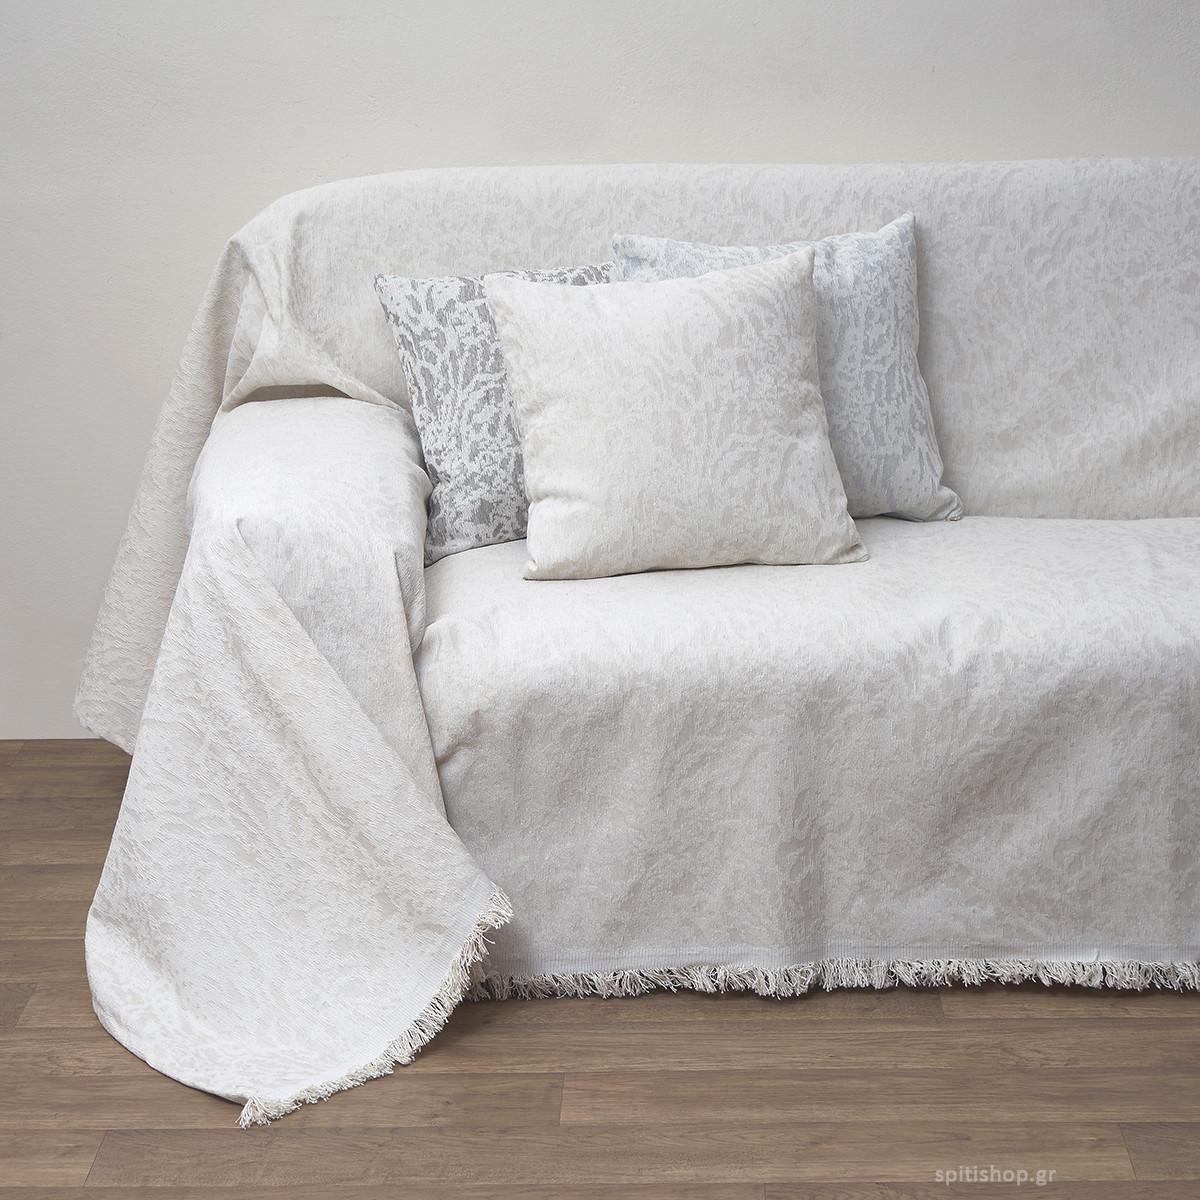 Διακοσμητικό Μαξιλάρι (42×42) Viopros 3013 Άμμος